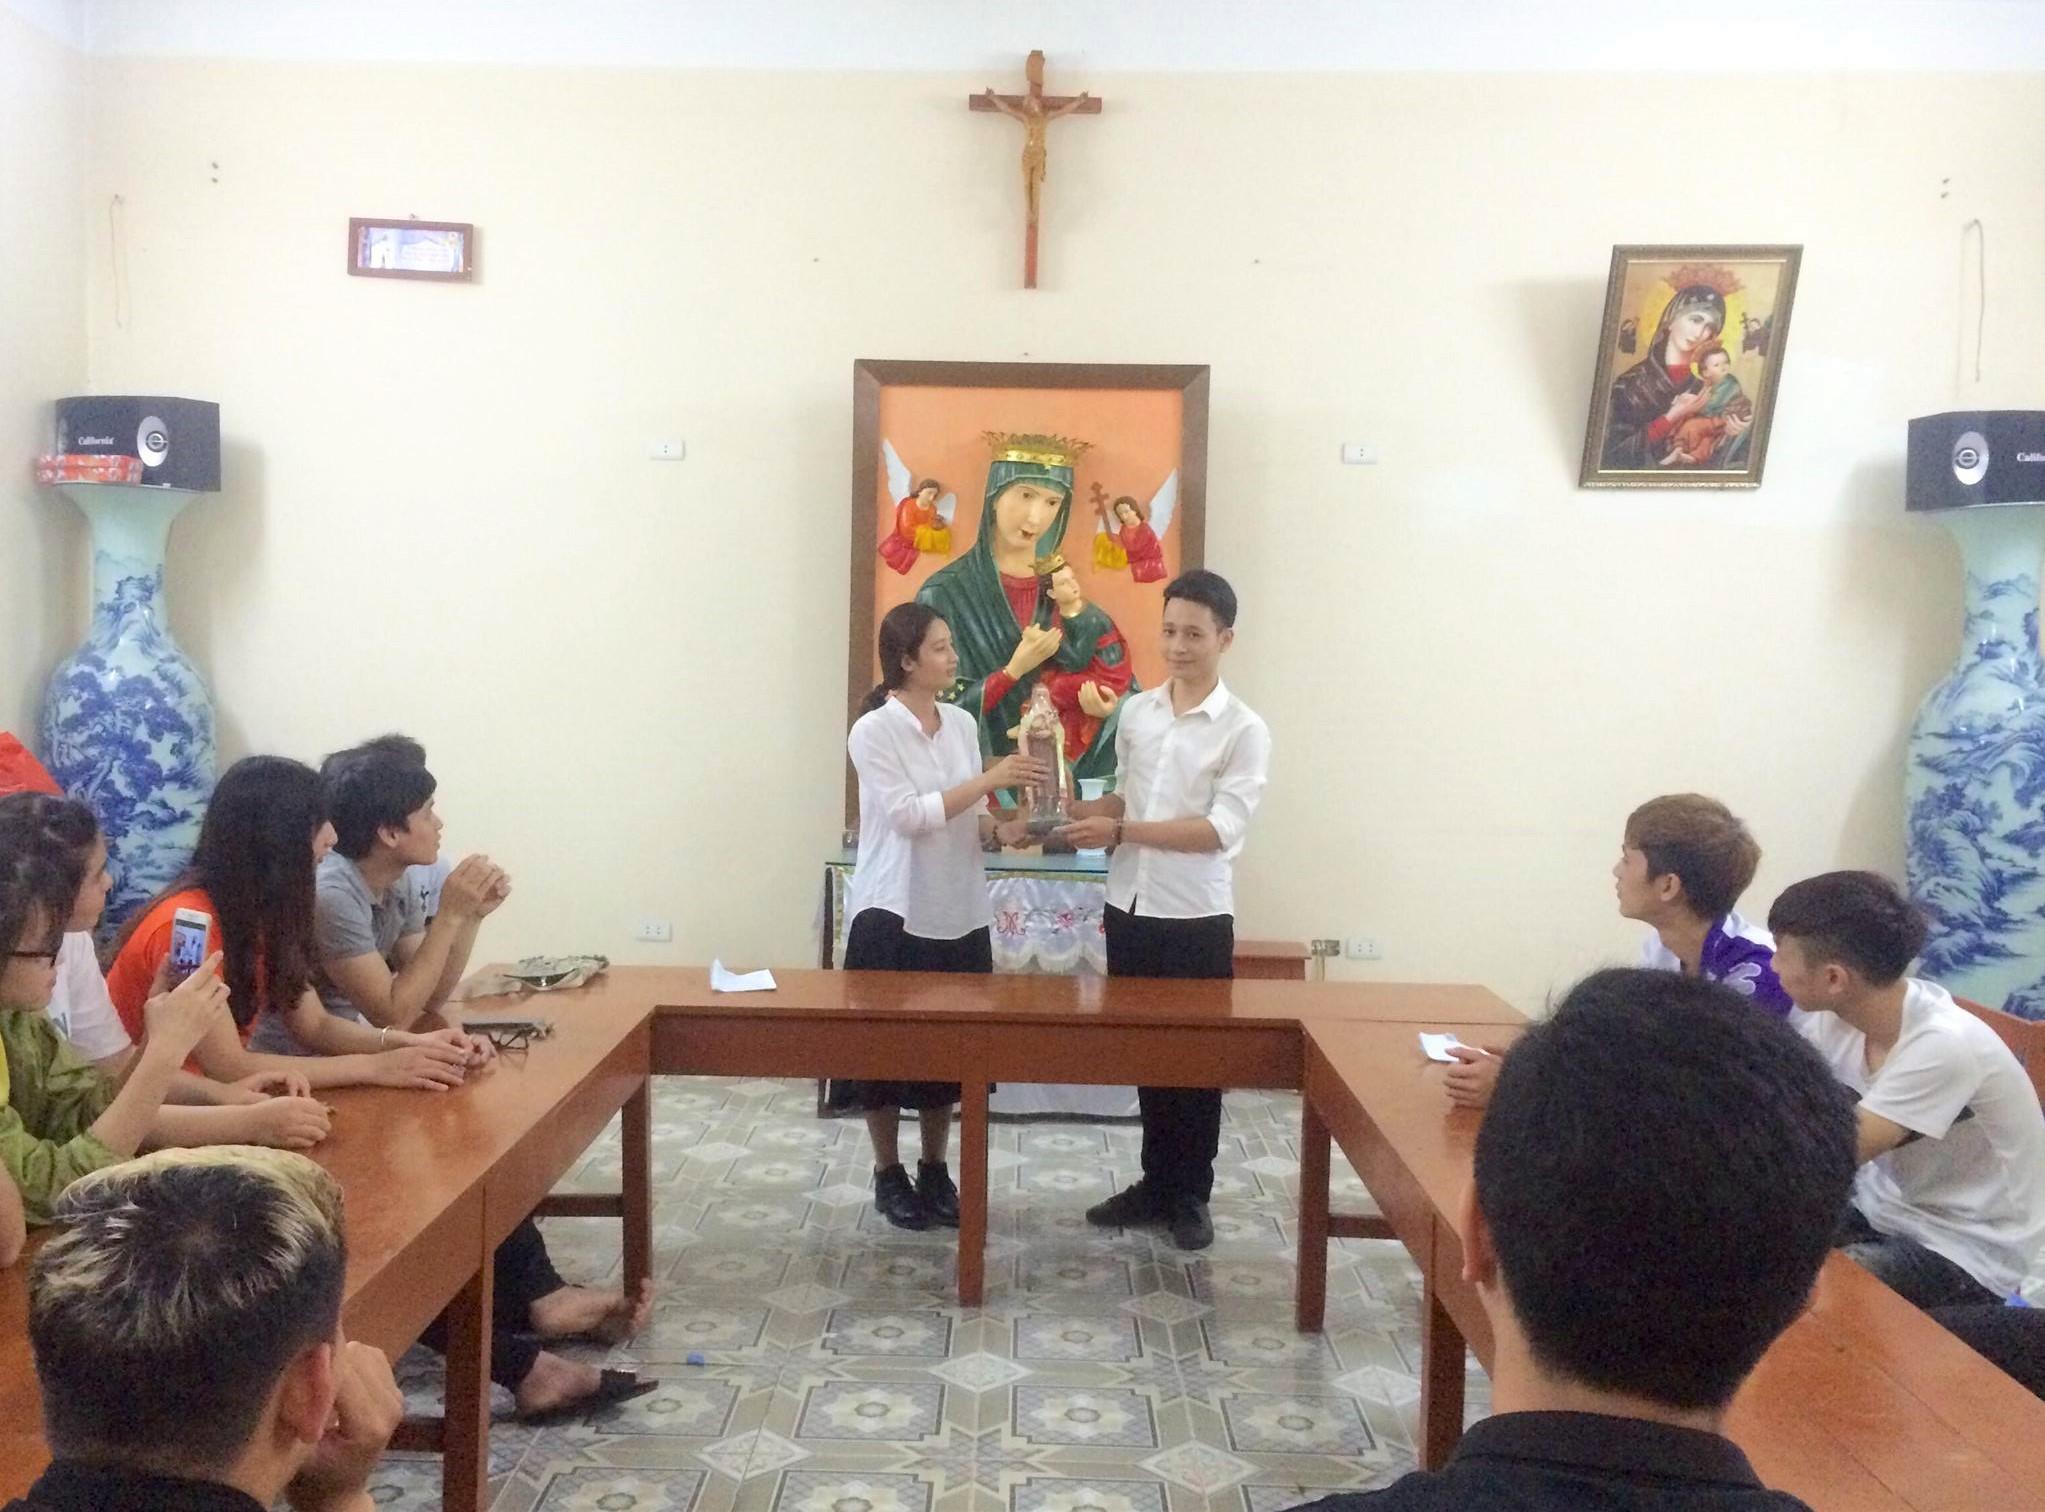 Cộng đoàn SVCG Thạch Bích hân hoan đón Tân Trưởng nhóm